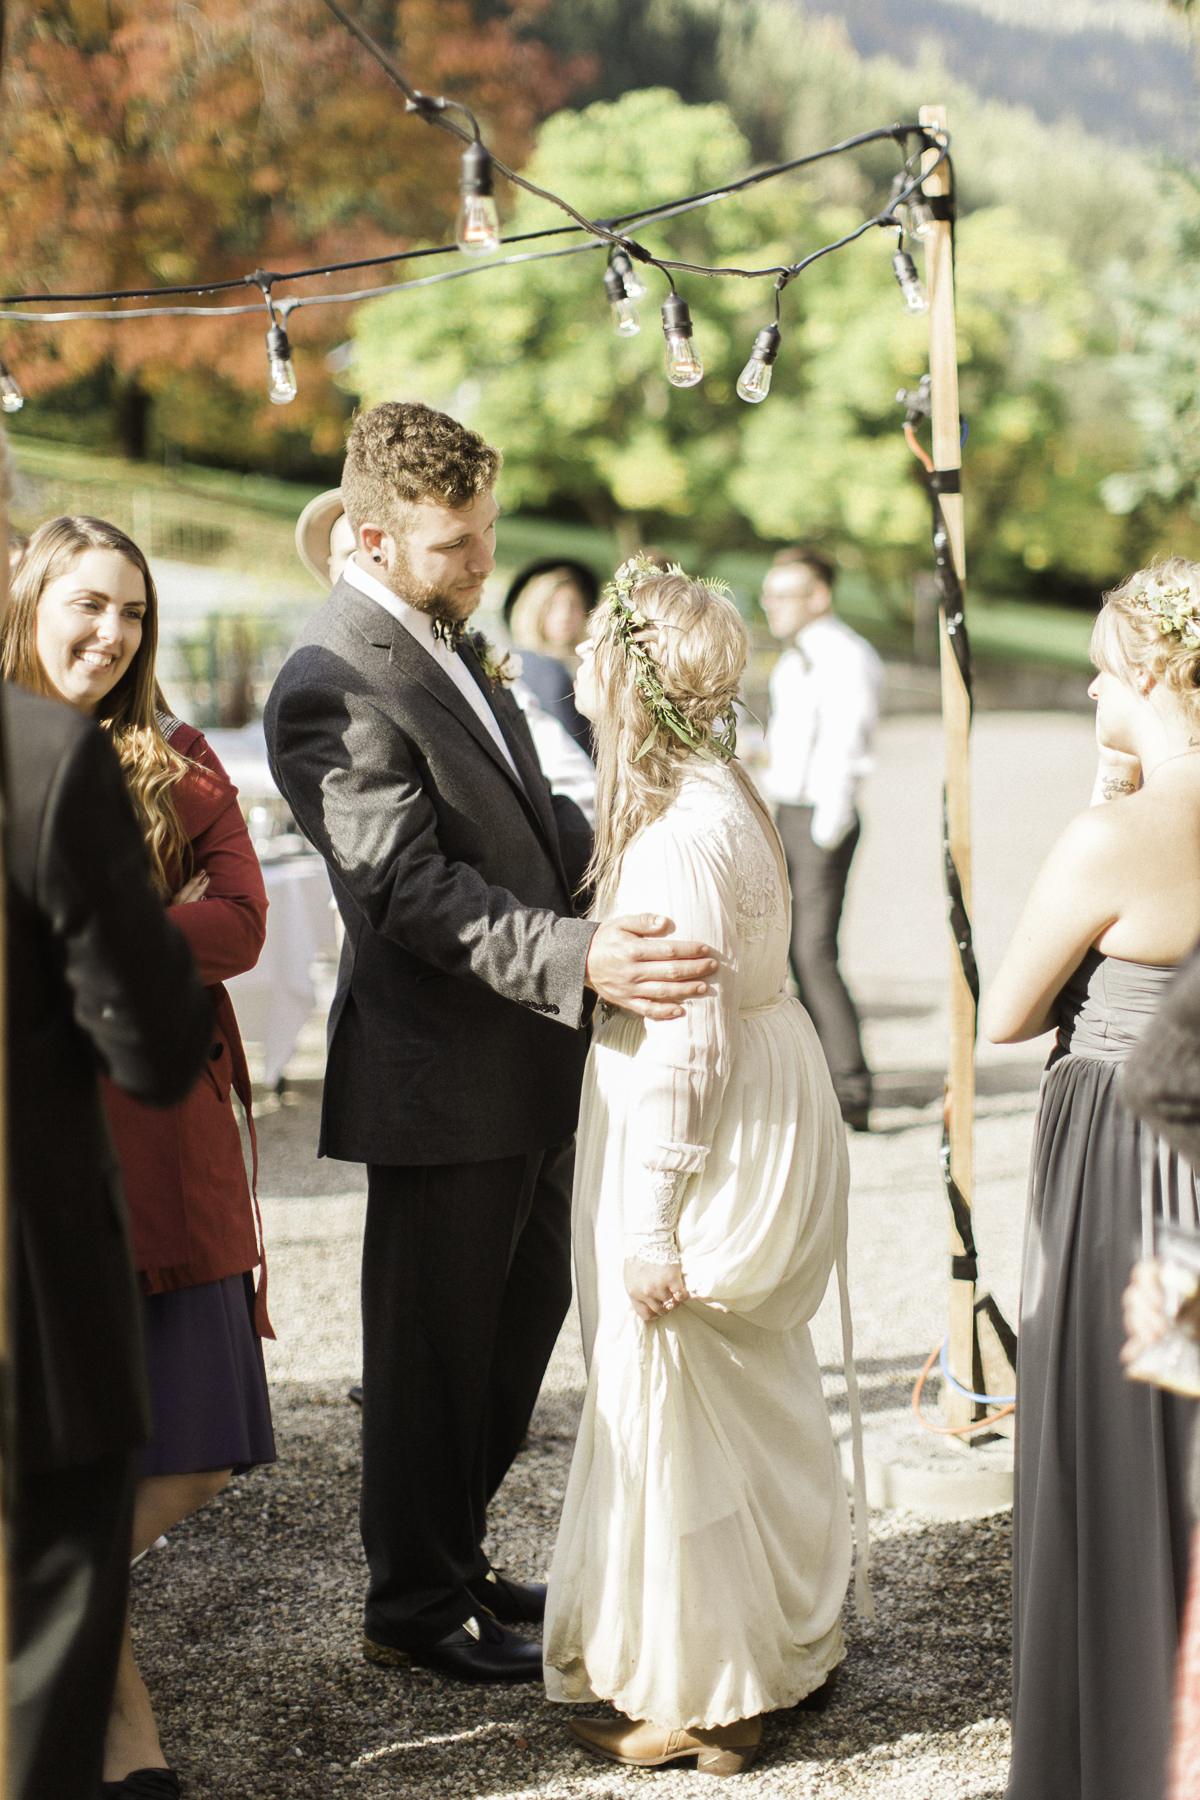 Matt-and-Chelsey-Nelson-wedding-35.jpg